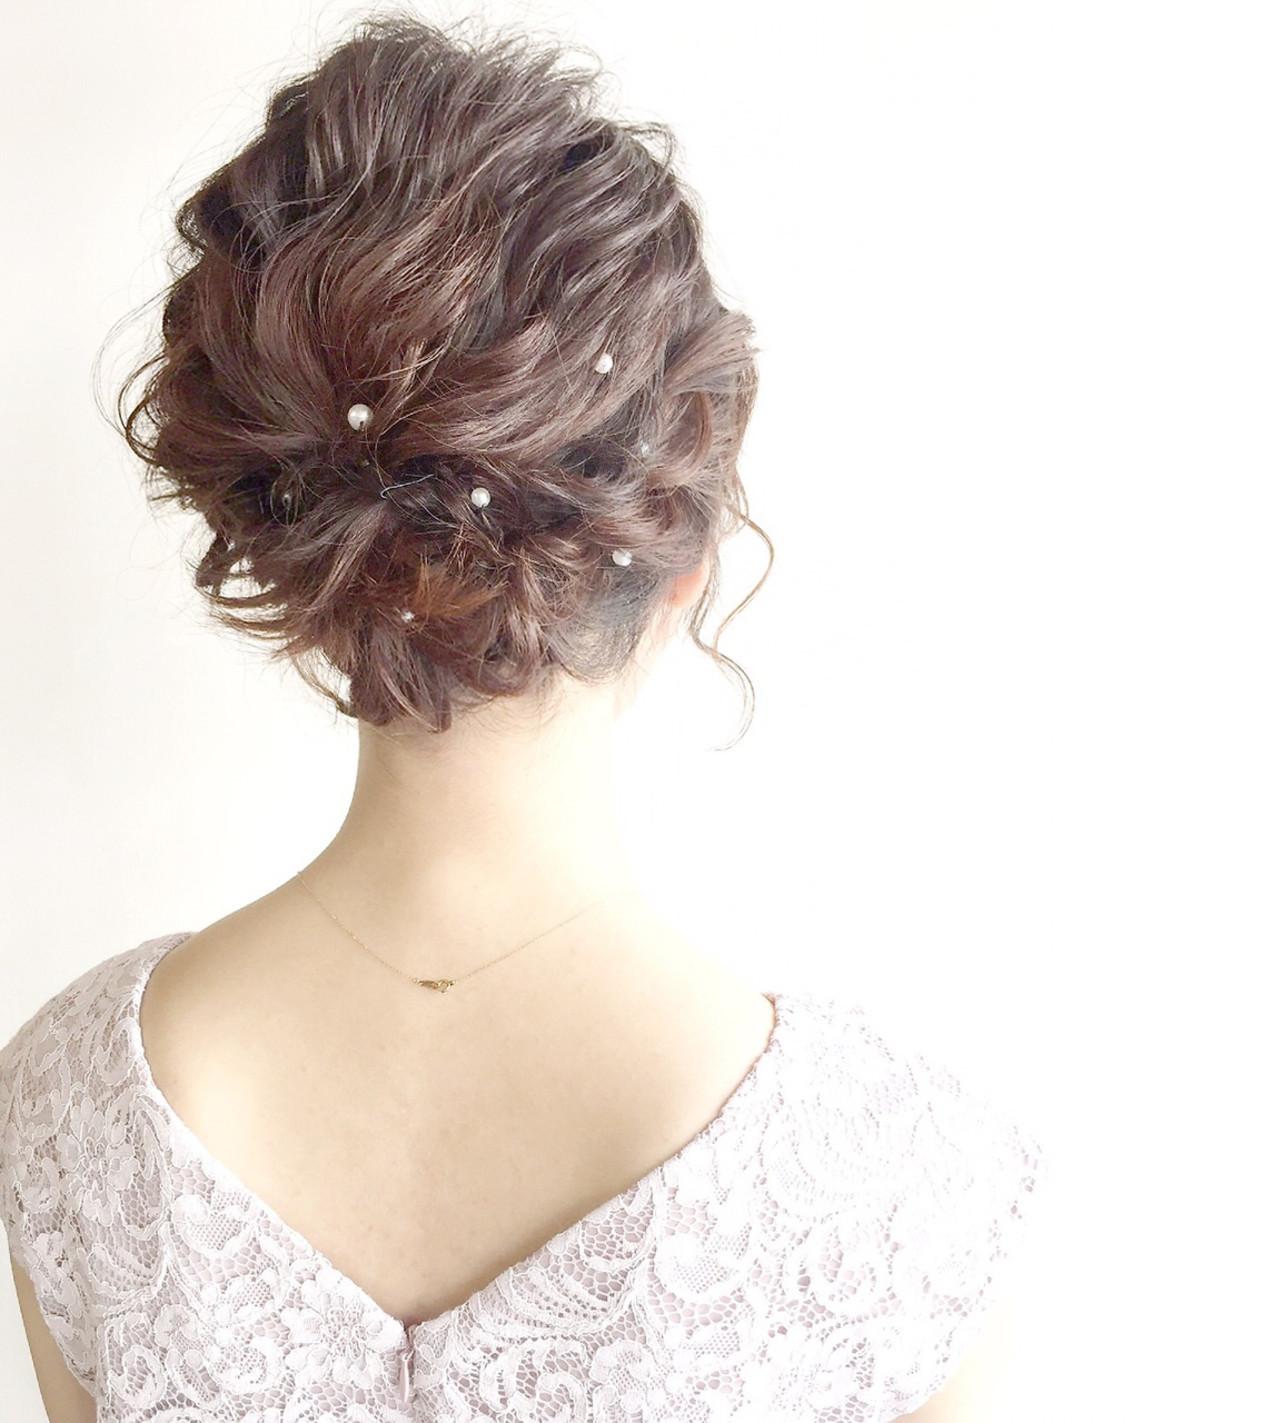 結婚式 成人式 ナチュラル ヘアアレンジ ヘアスタイルや髪型の写真・画像